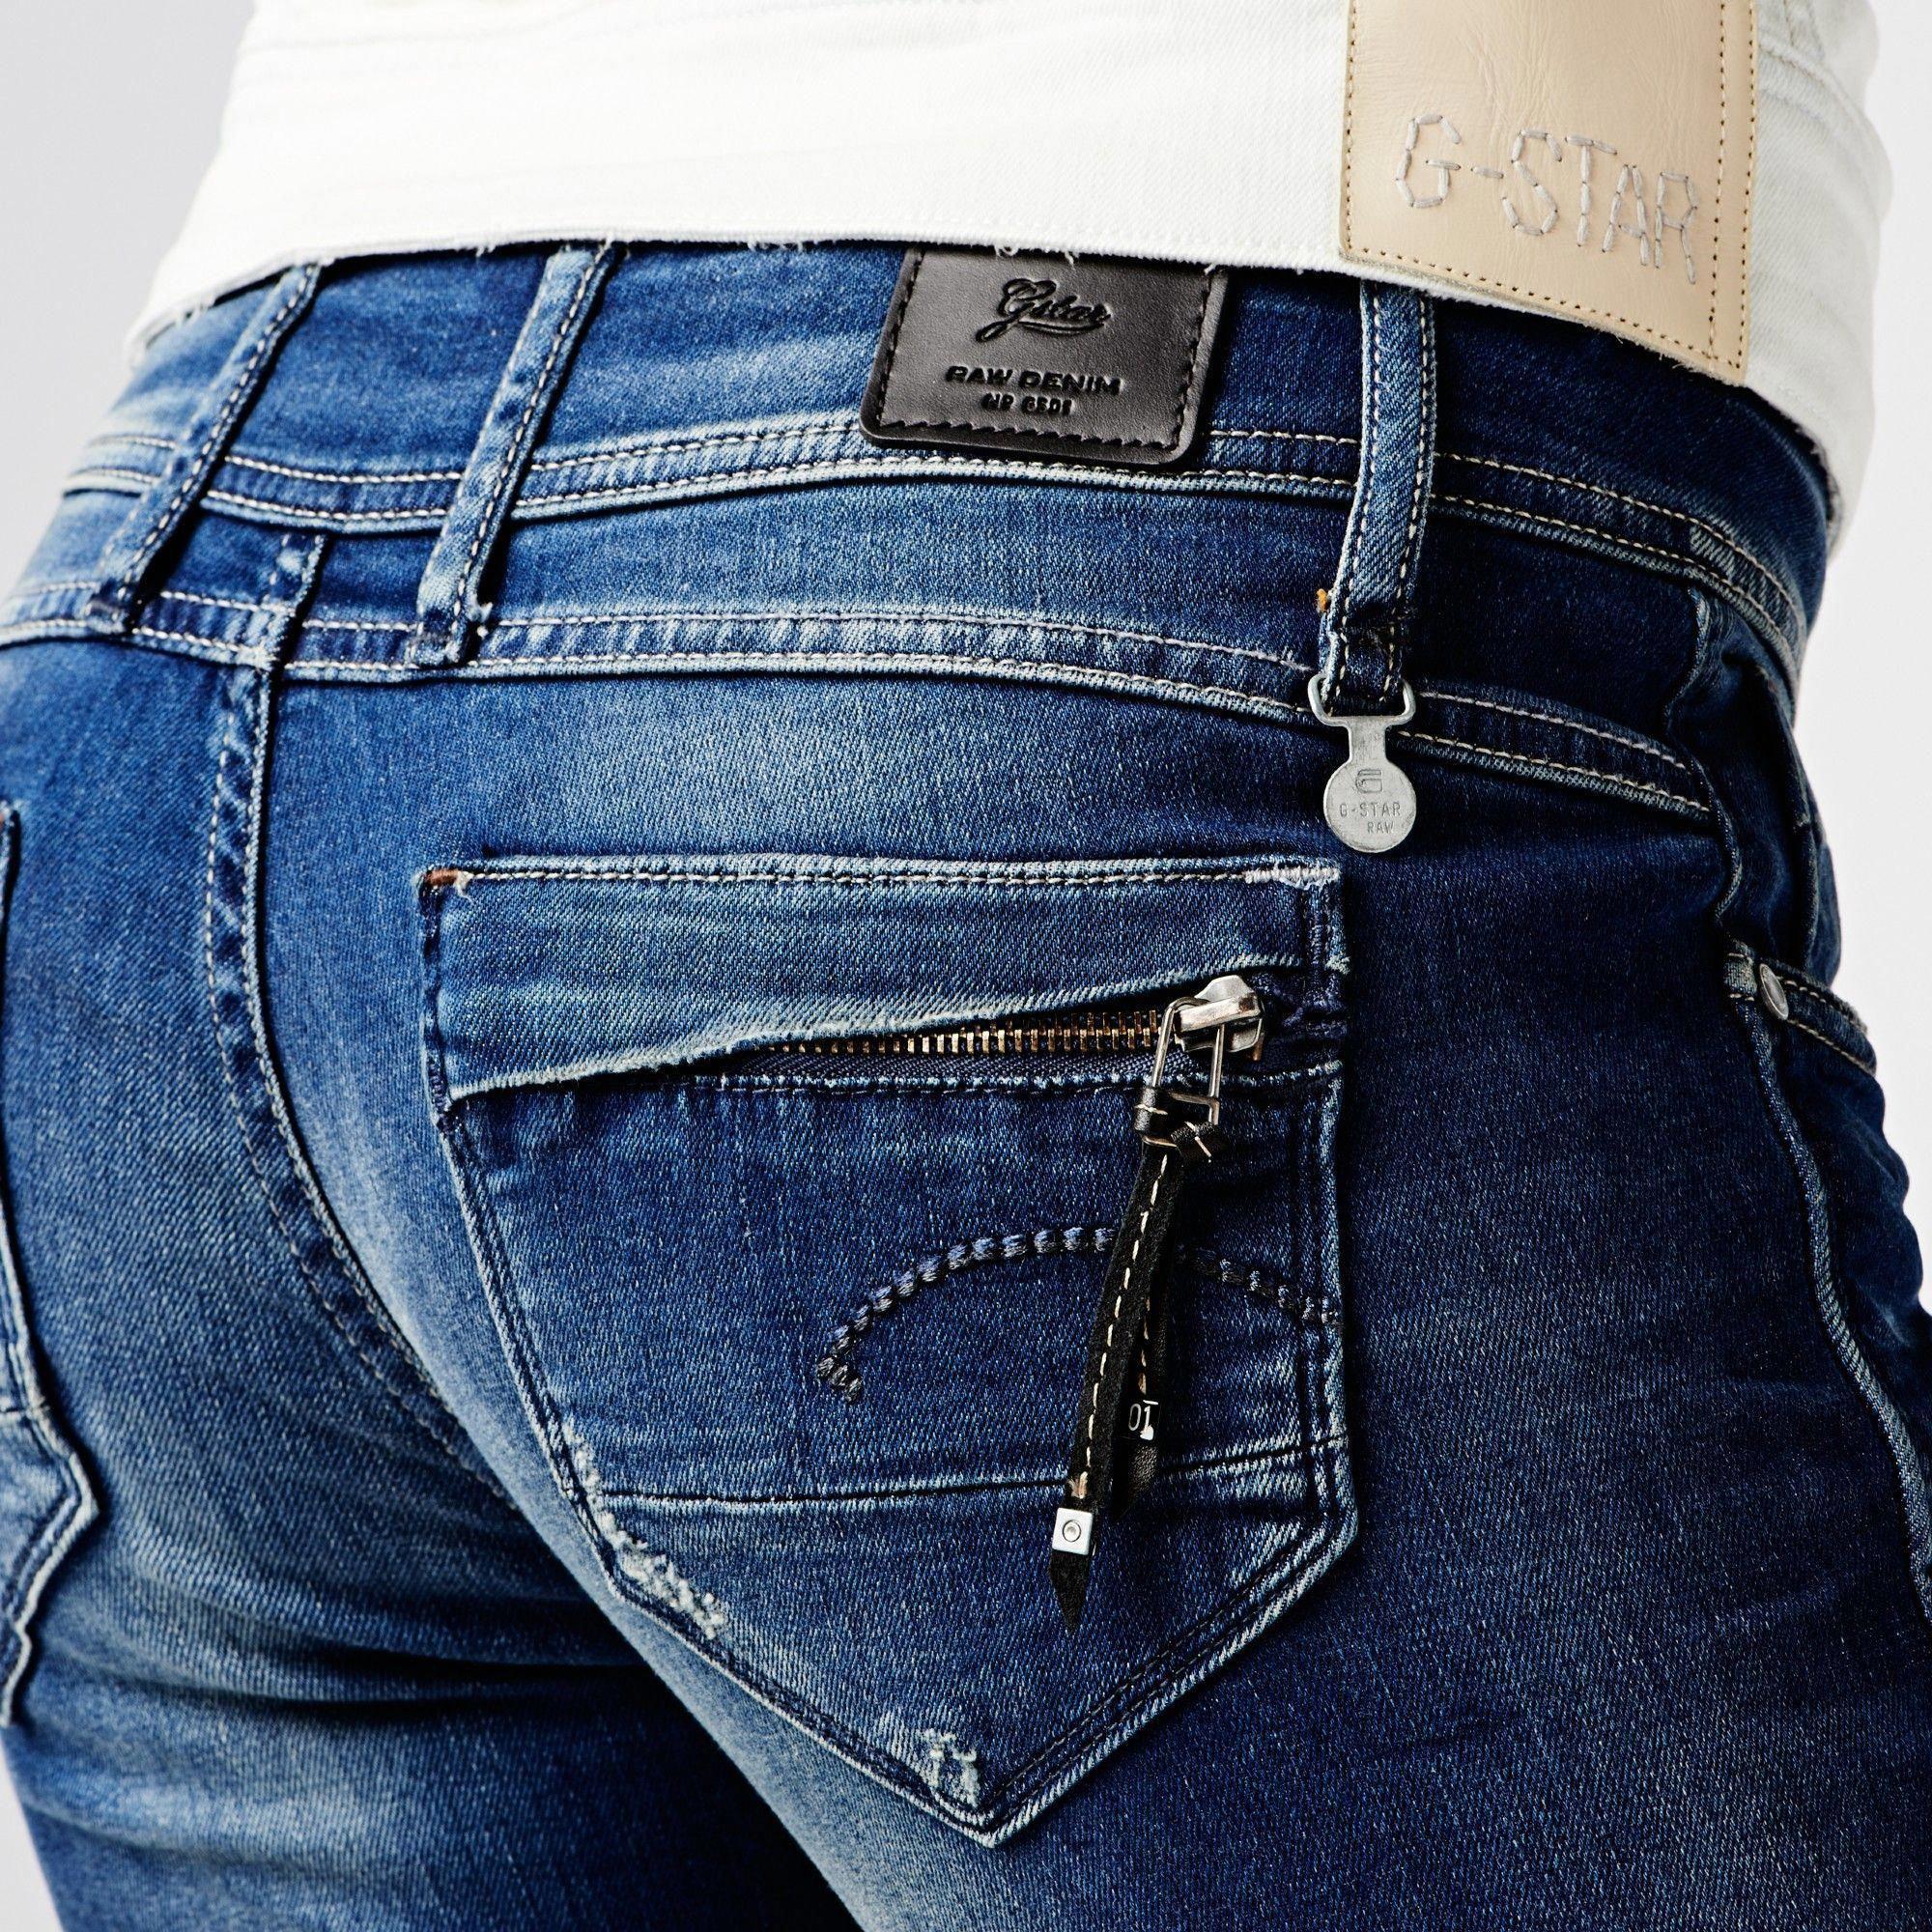 G Star Raw Midge Cody Skinny Women Jeans Mensjeans Women Jeans Raw Jeans Mens Fashion Denim